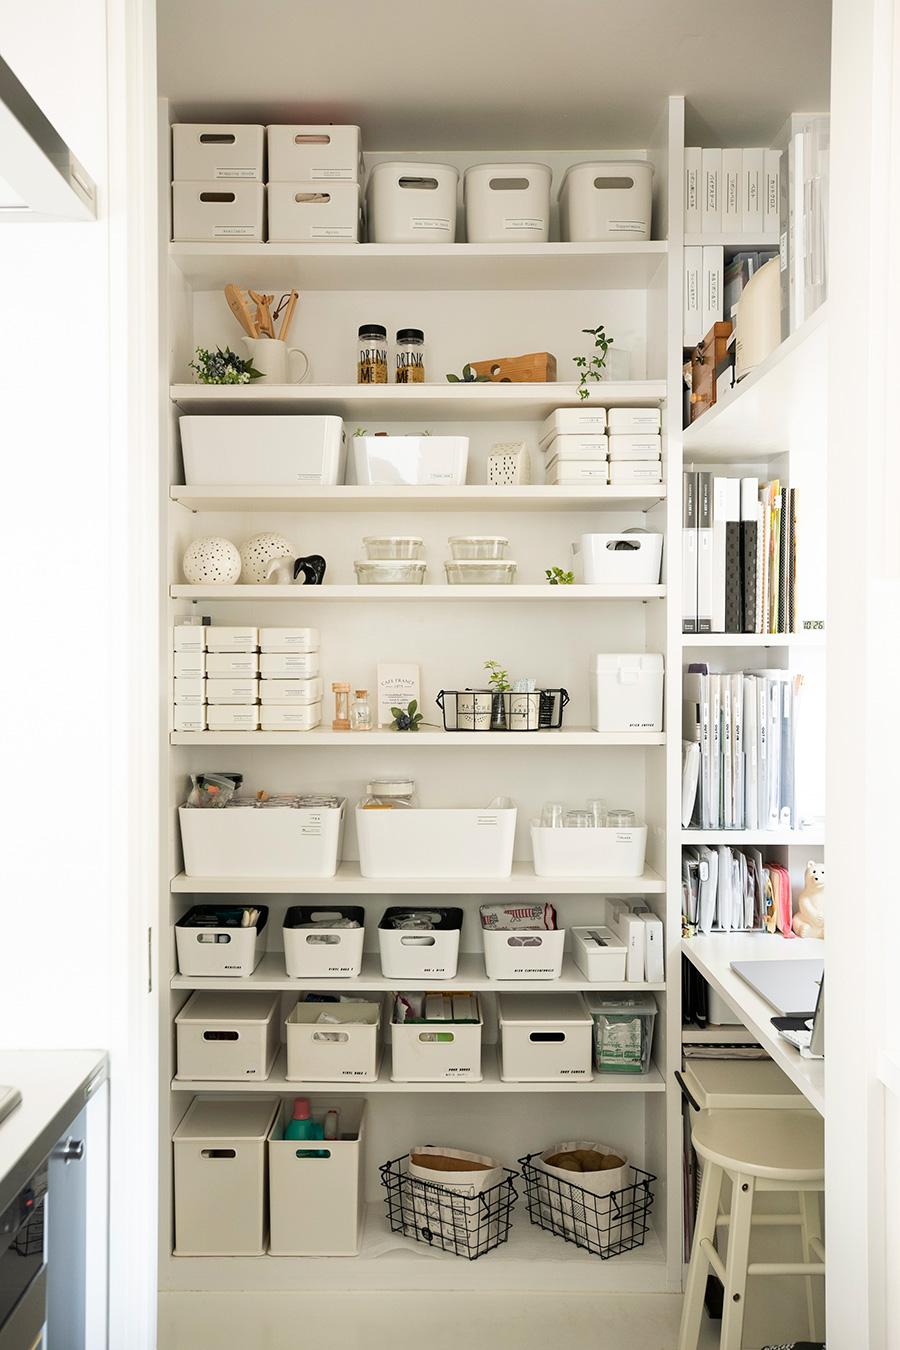 棚や机を造作した家事室。仕事も家事も、この1室で完結する仕組みになっている。